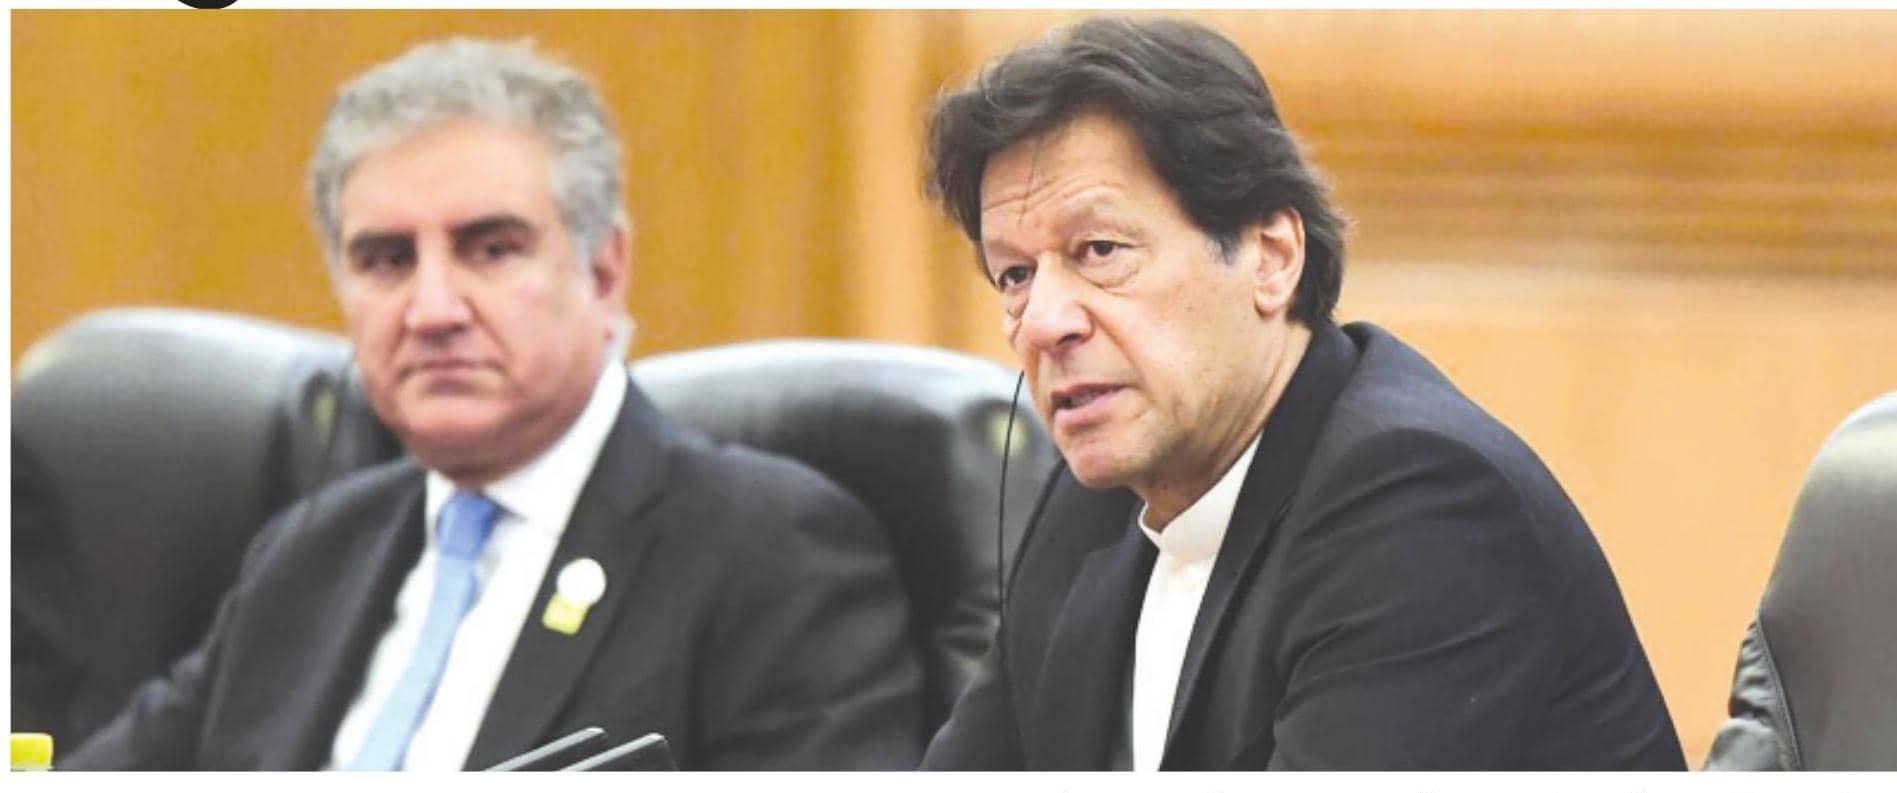 પાકિસ્તાનને FATFનો ઝટકો: હજુ પણ ગ્રે લિસ્ટમાં જ રહેશે